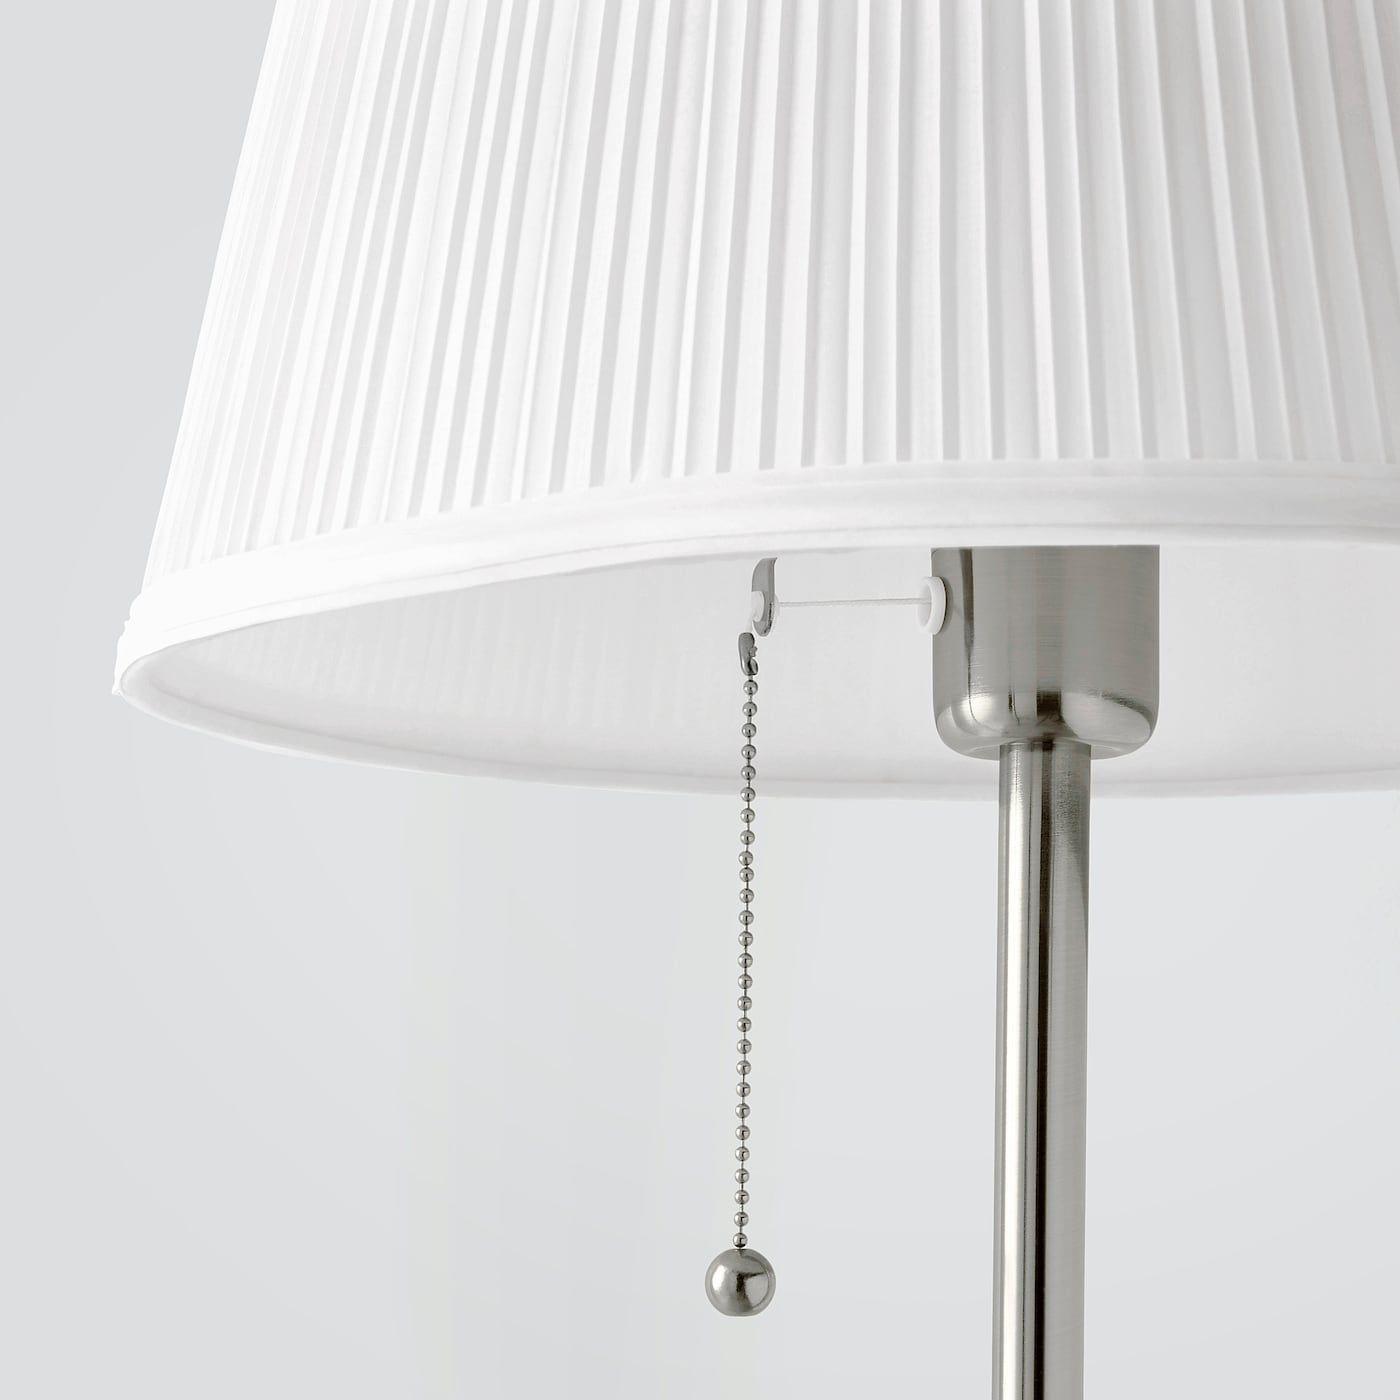 Arstid Standleuchte Vernickelt Weiss Ikea Osterreich In 2020 Standleuchte Bodenlampe Und Stehlampe Weiss